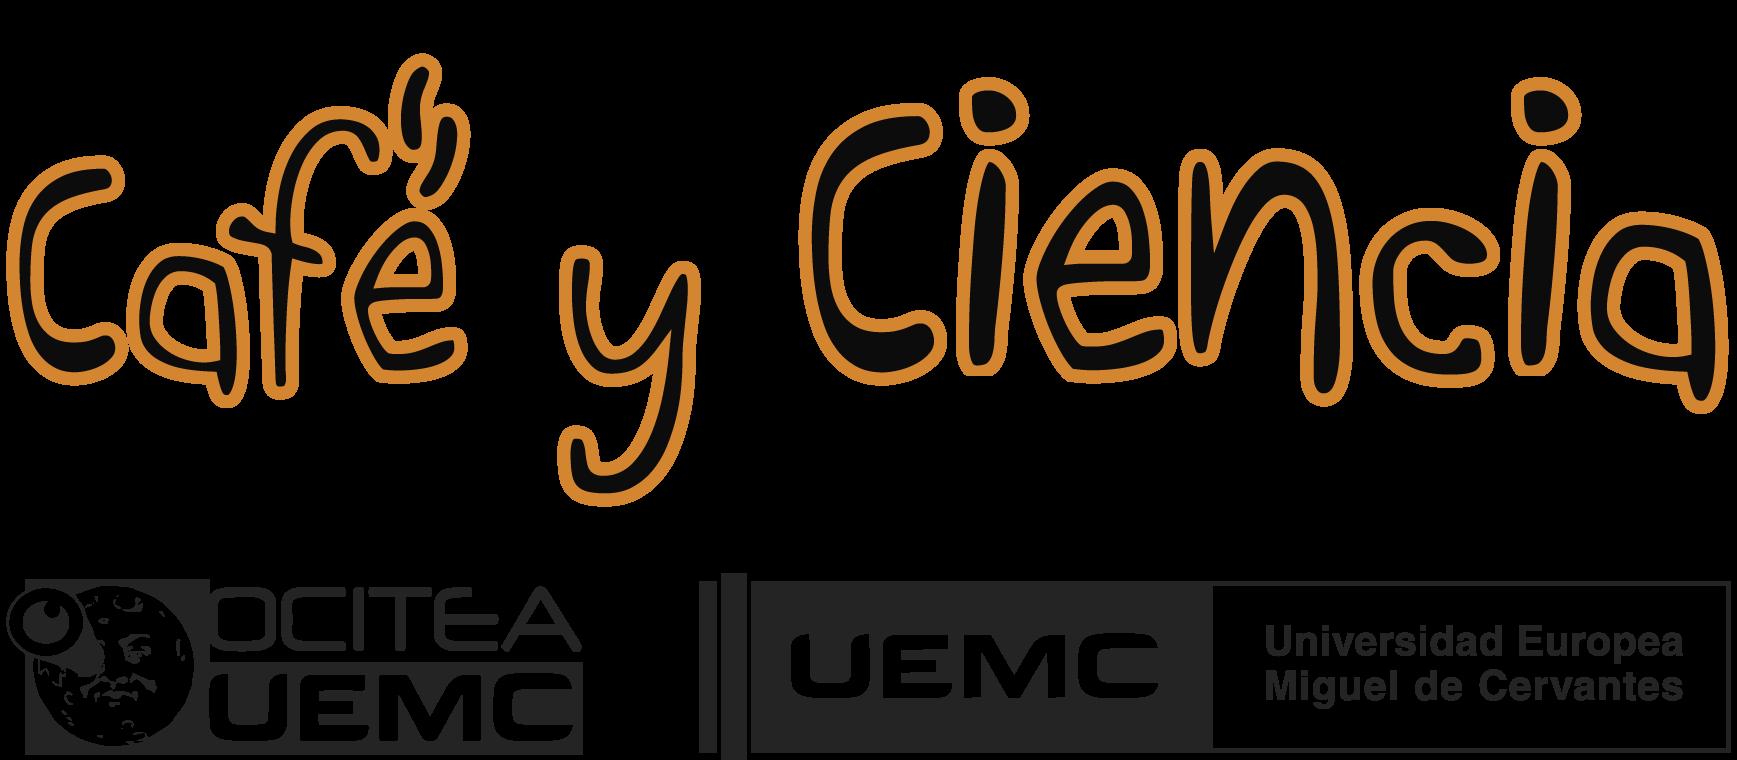 CafeyCiencia_UEMC